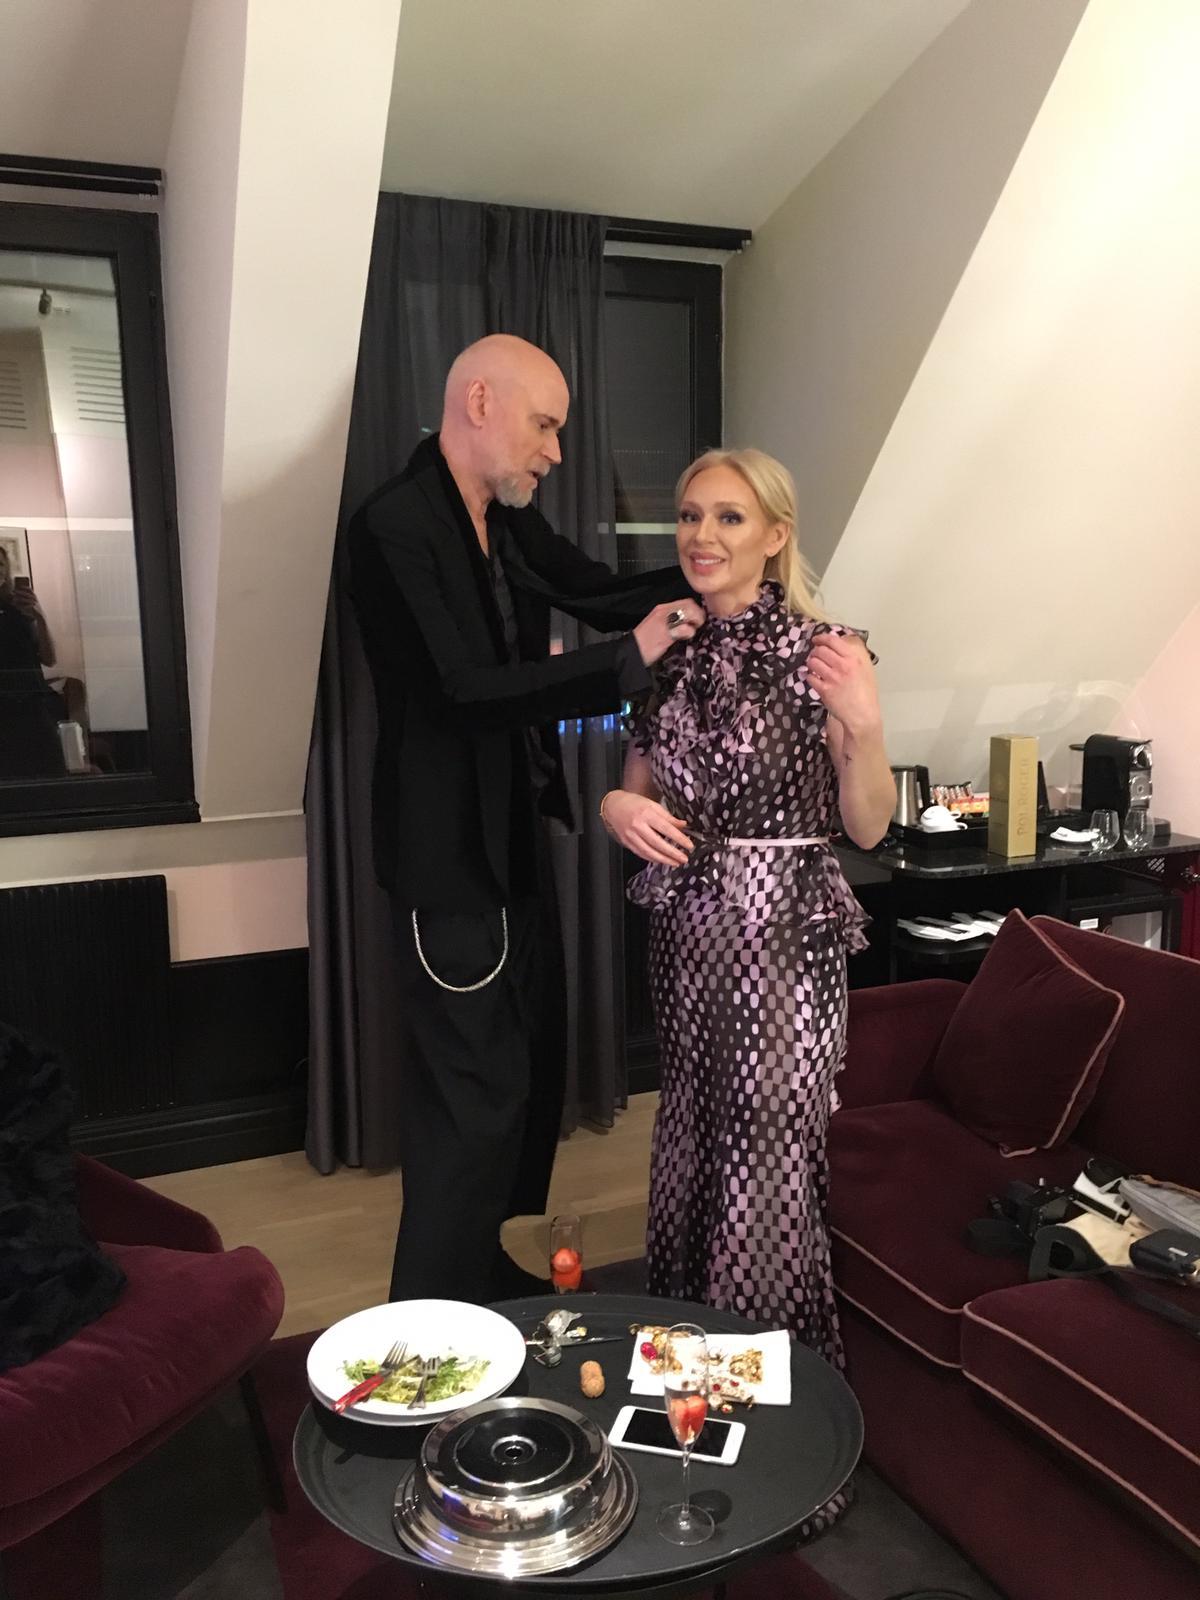 Sen kom Lars Wallin och levererade min klänning som han skapat. Helt fantastiskt.